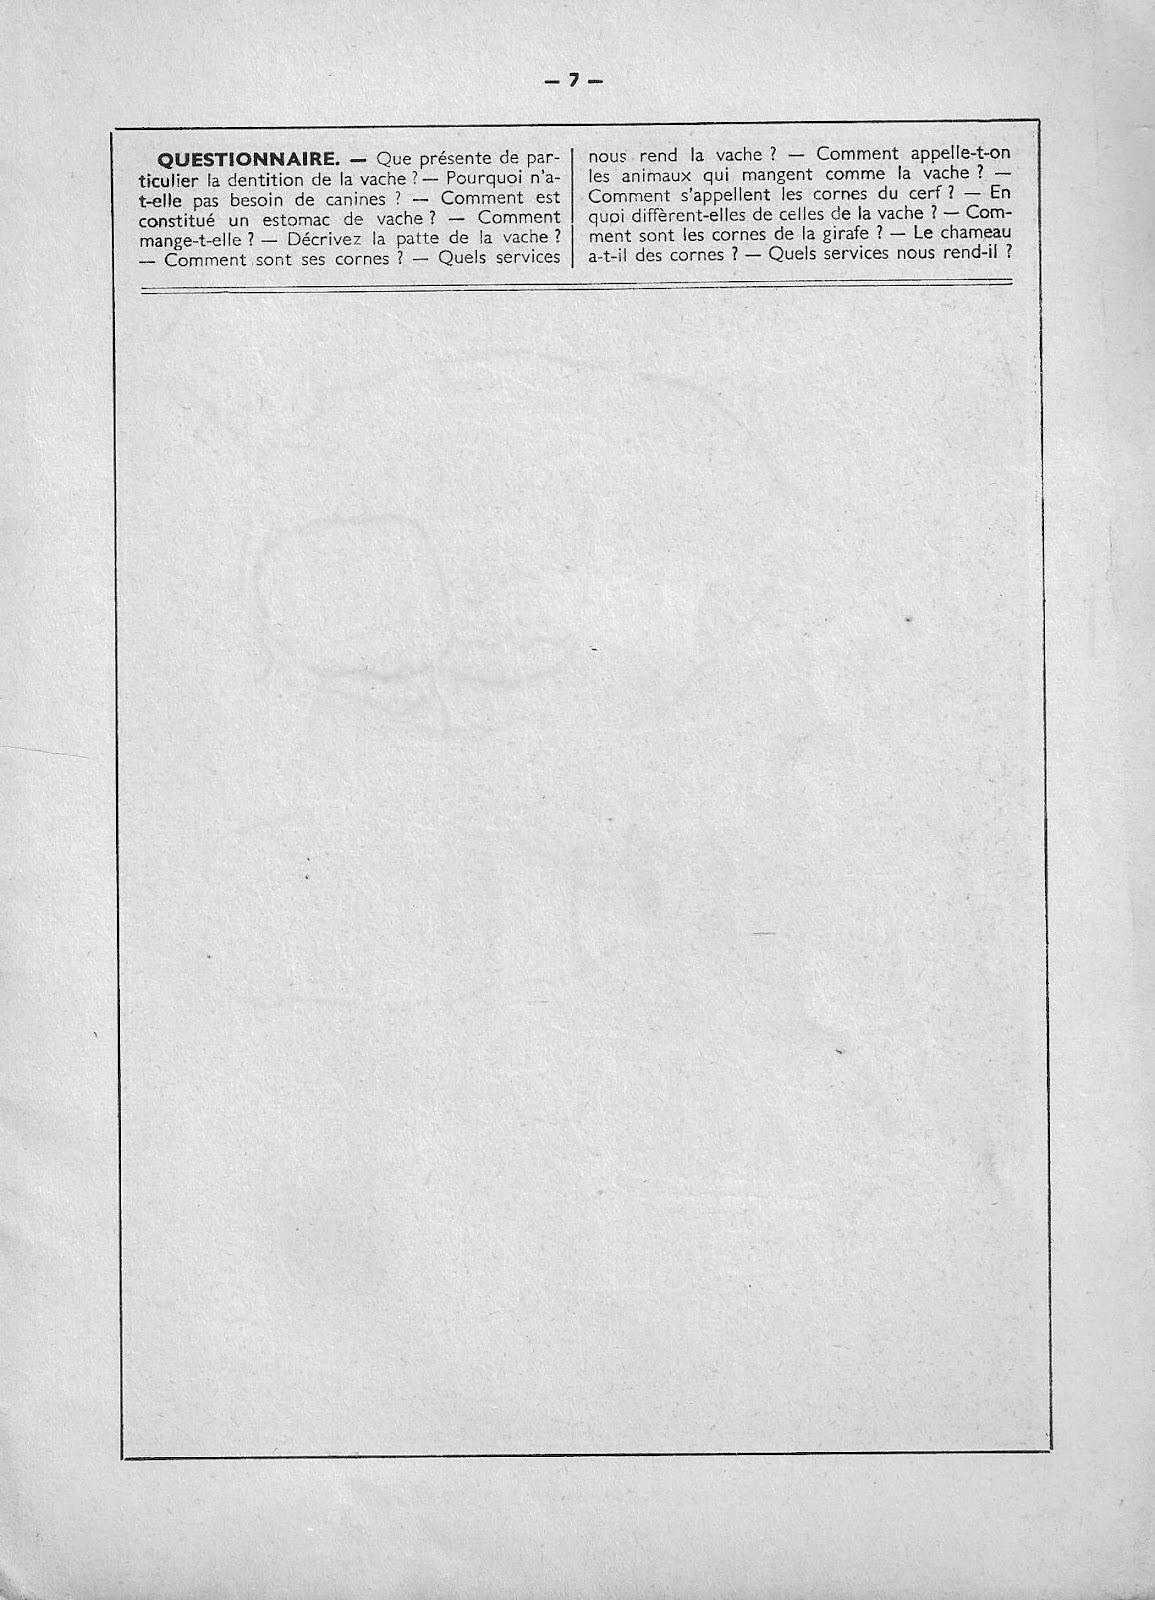 Manuels anciens: A. Richard, Histoire naturelle